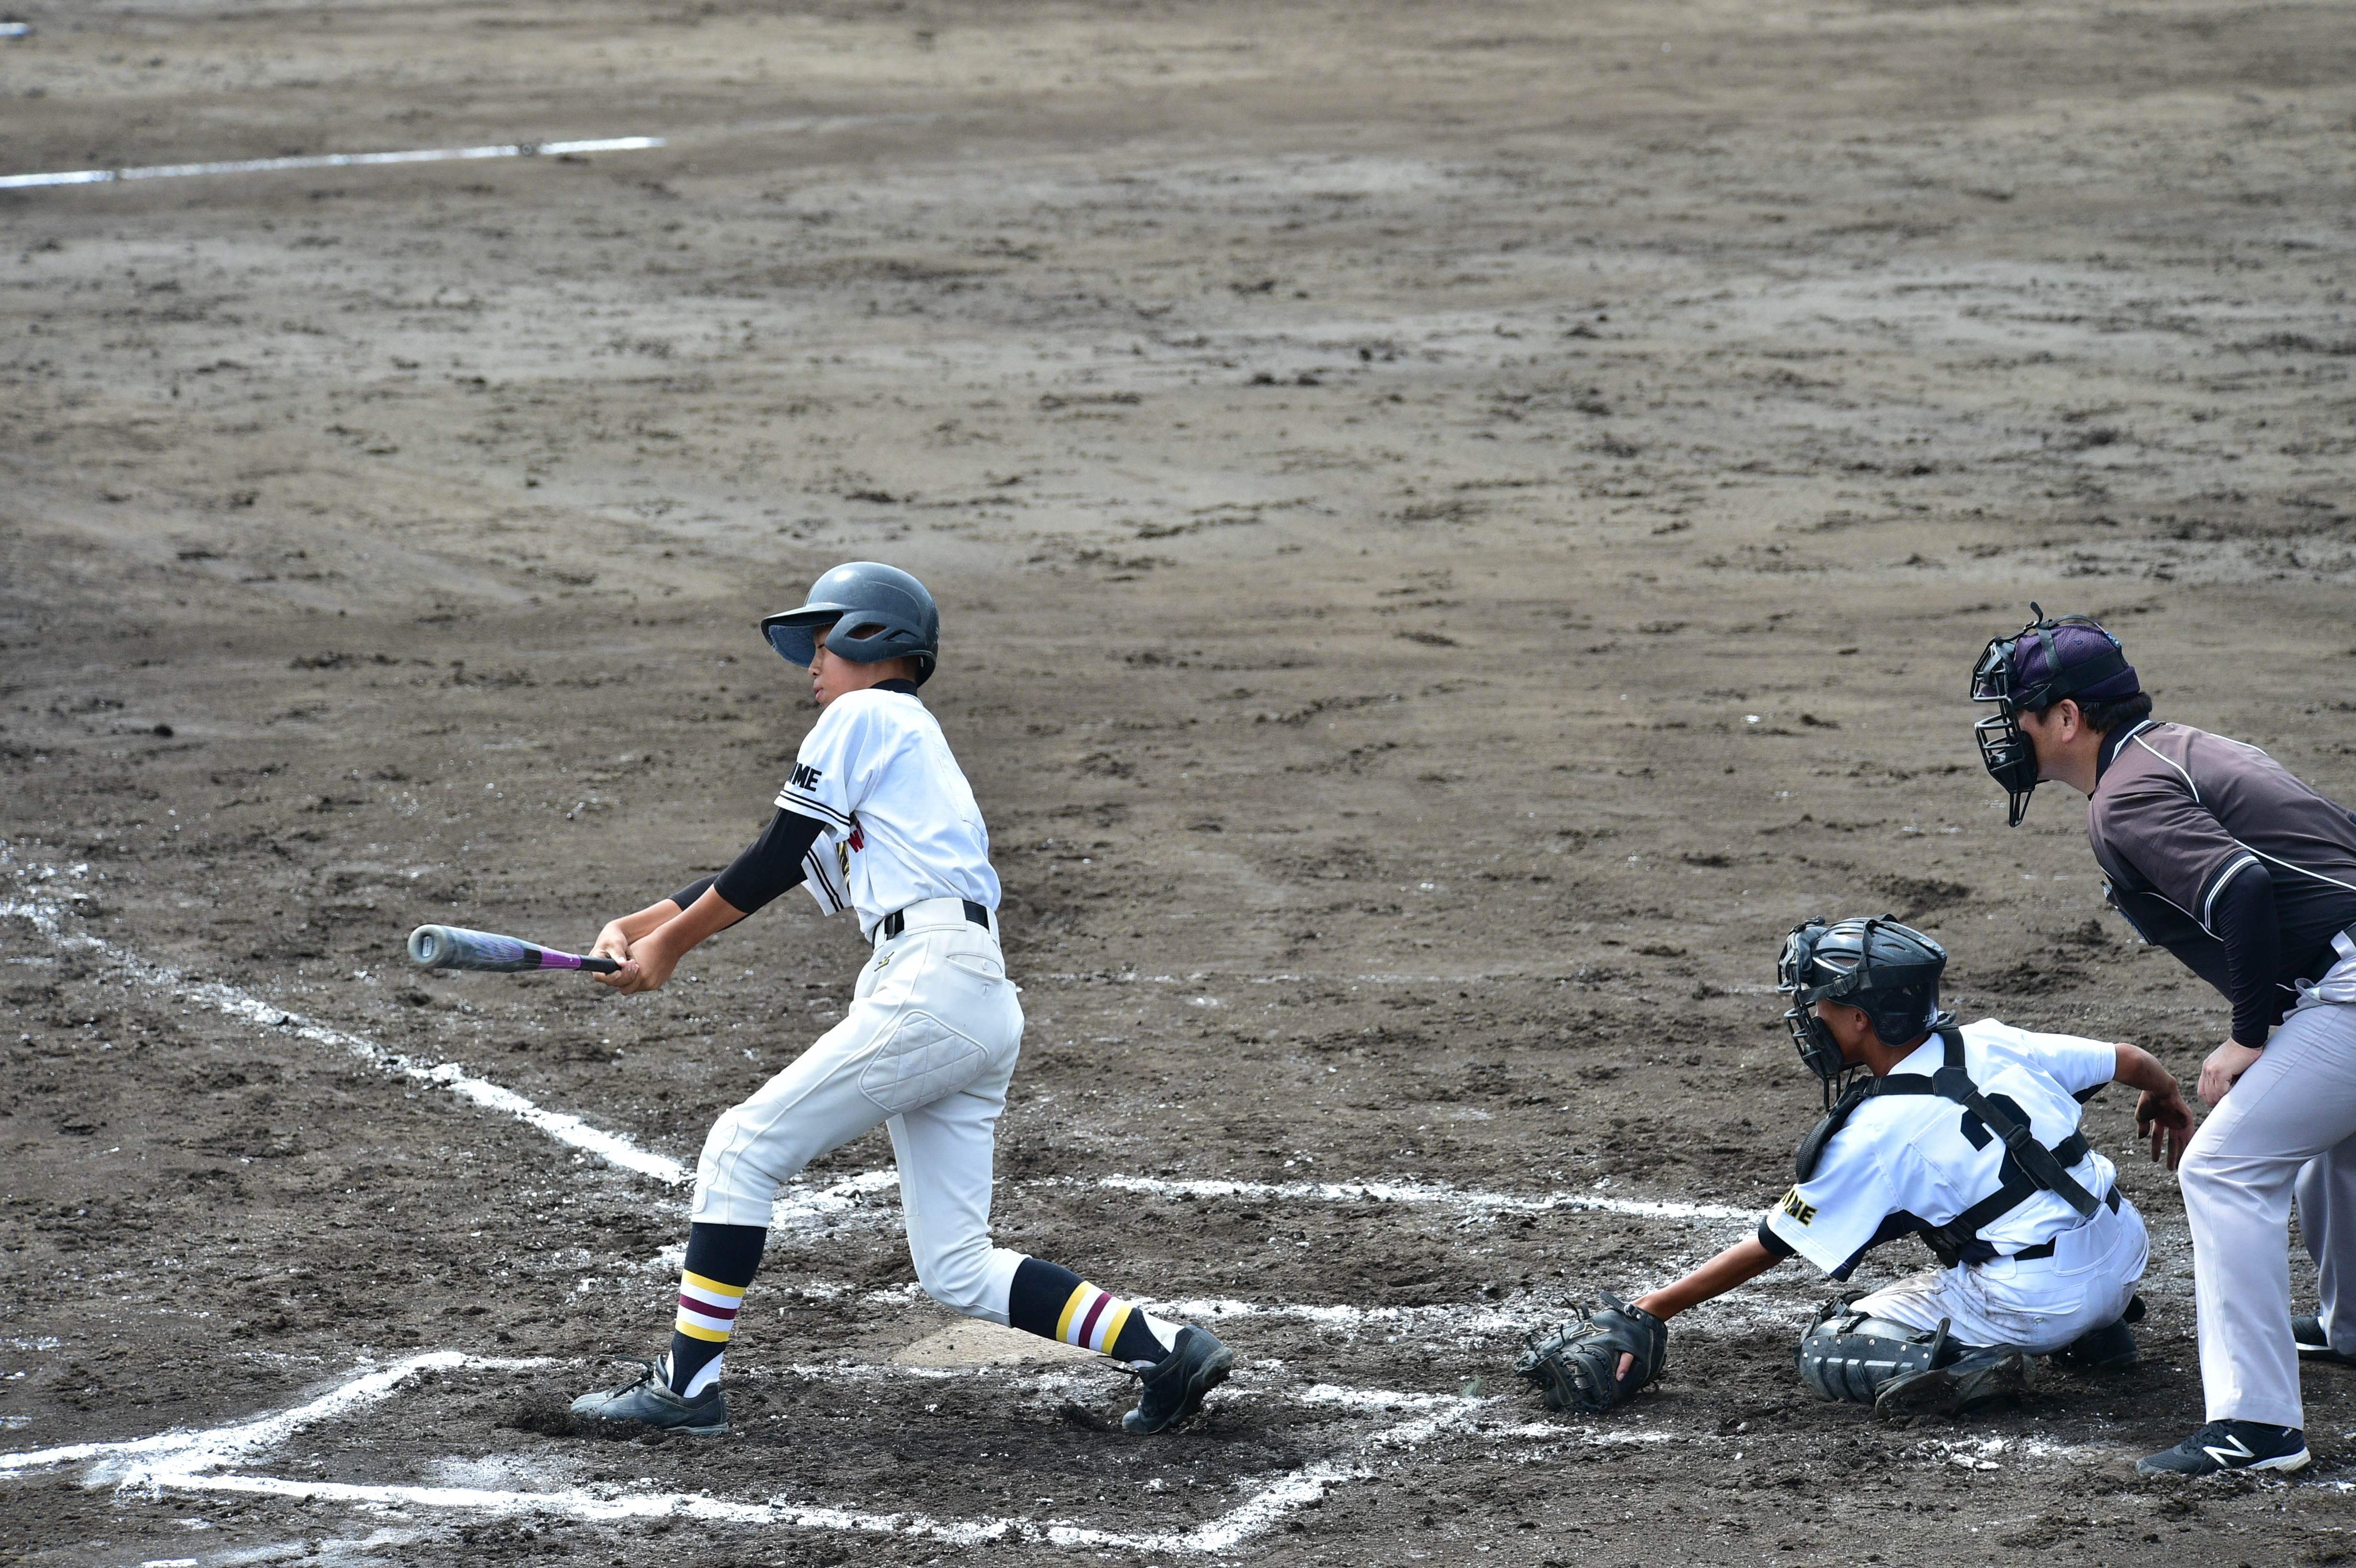 軟式野球 (167)